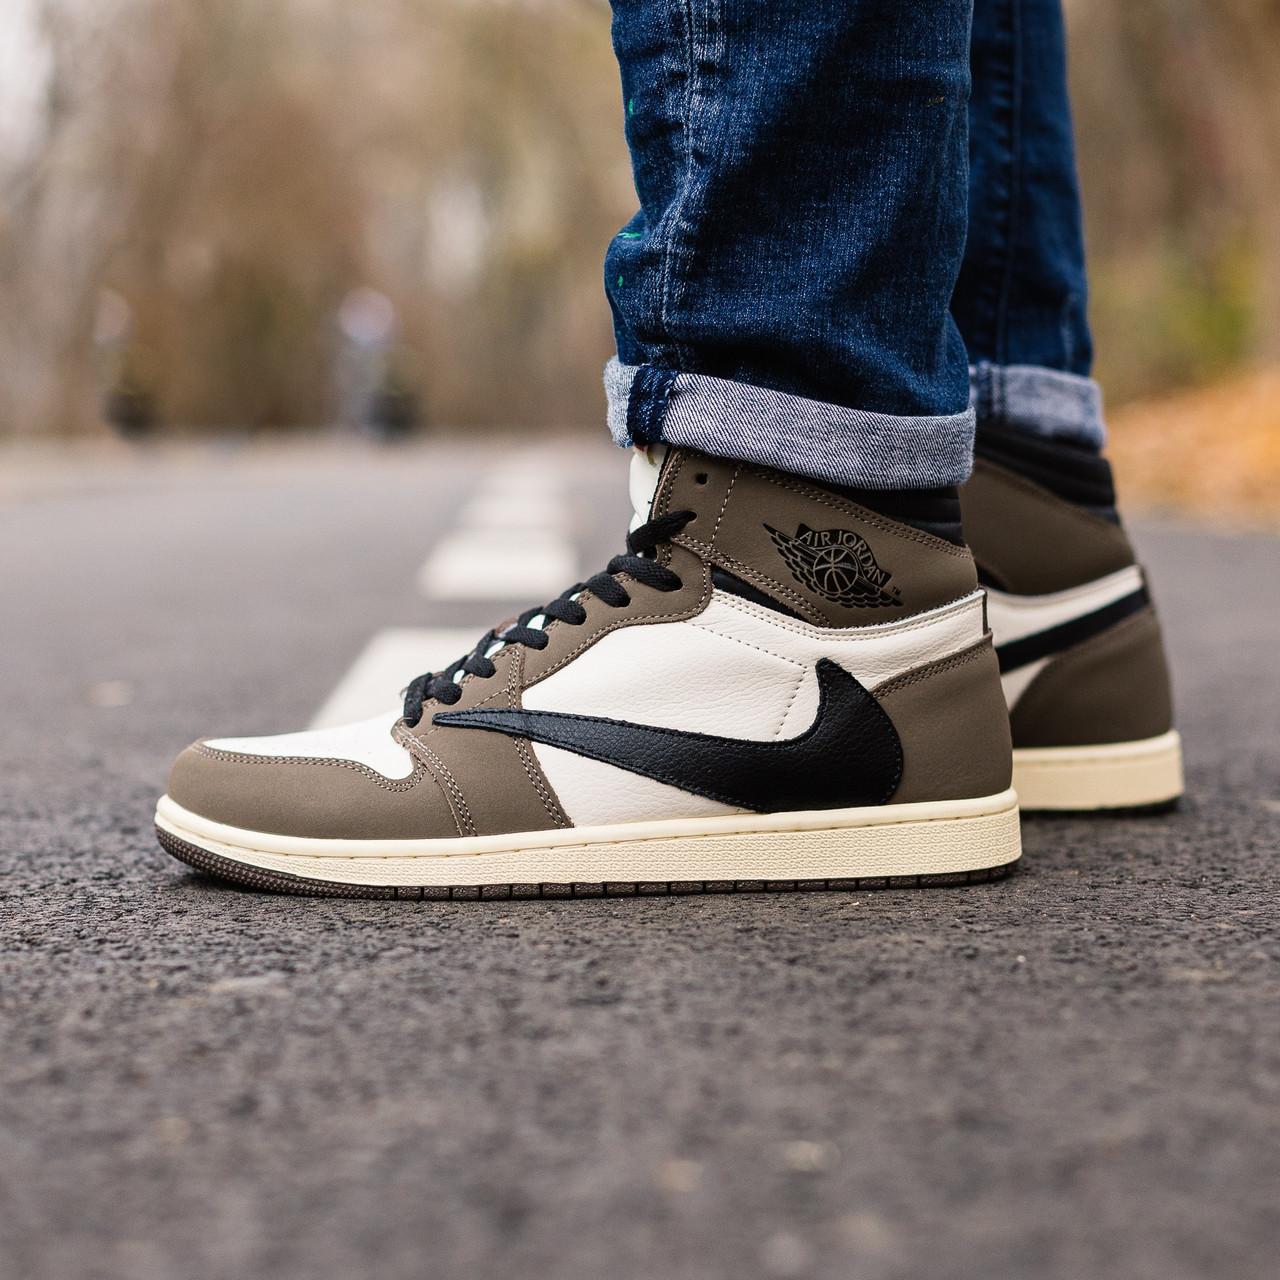 Стильні чоловічі кросівки Jordan 1 Retro